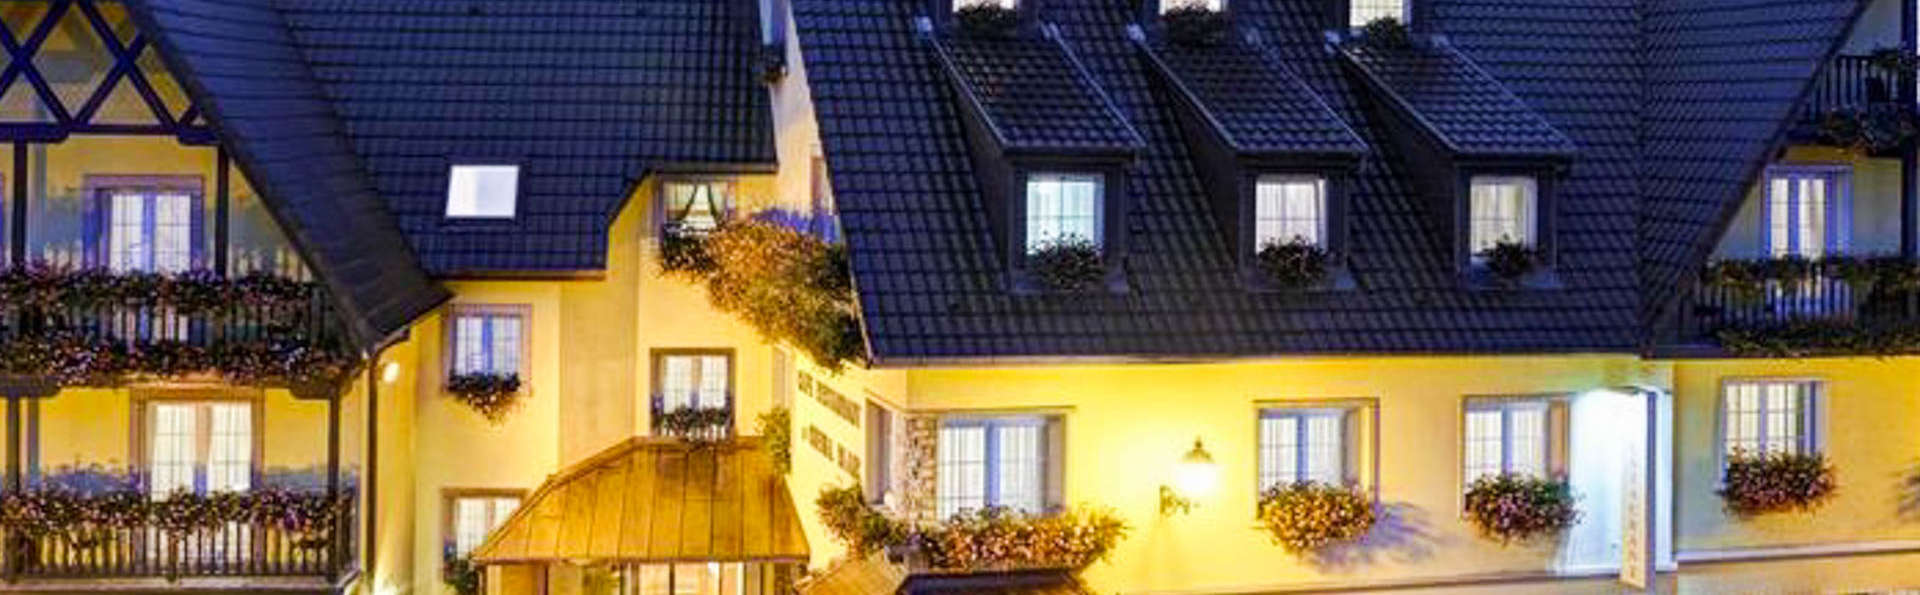 Best Western Hôtel Au Cheval Blanc Mulhouse Nord - EDIT_N2_EXTERIOR-2.jpg